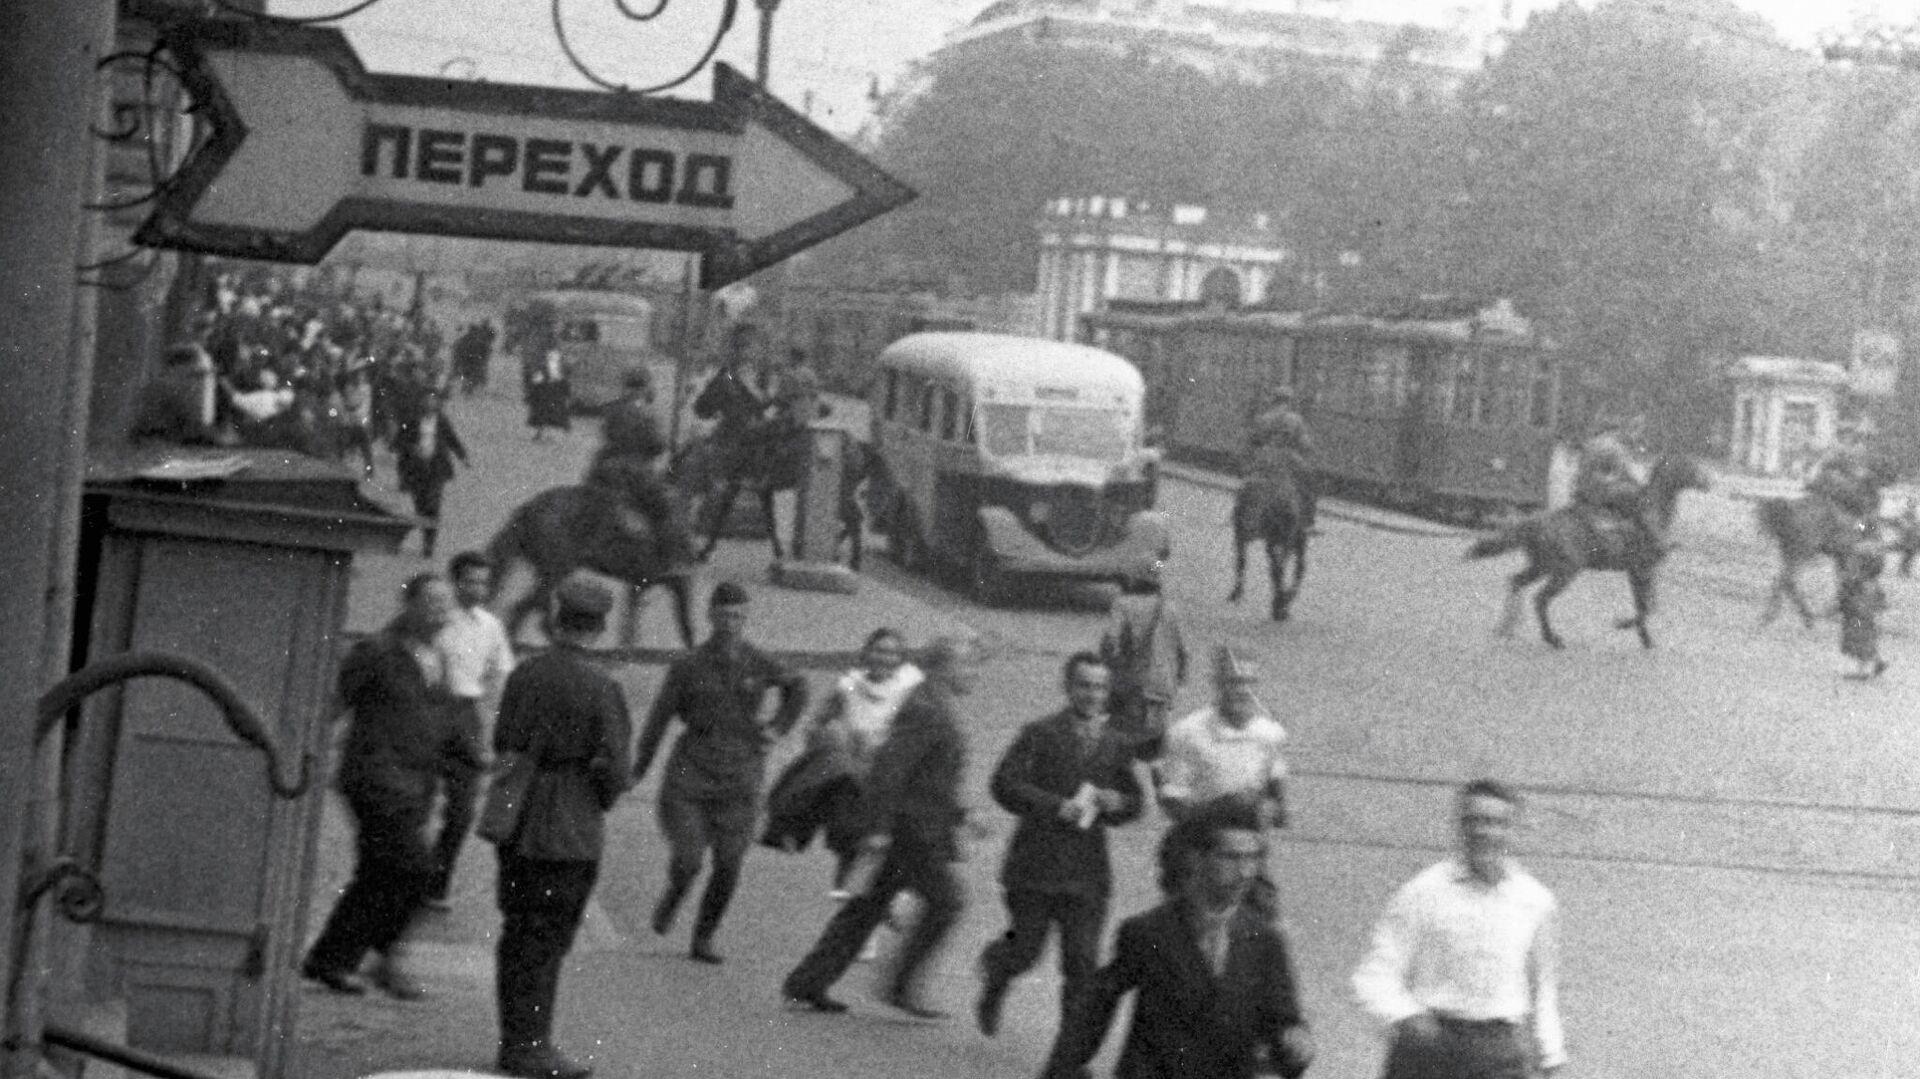 Историк рассказал о реакции нацистов на первую бомбардировку Берлина